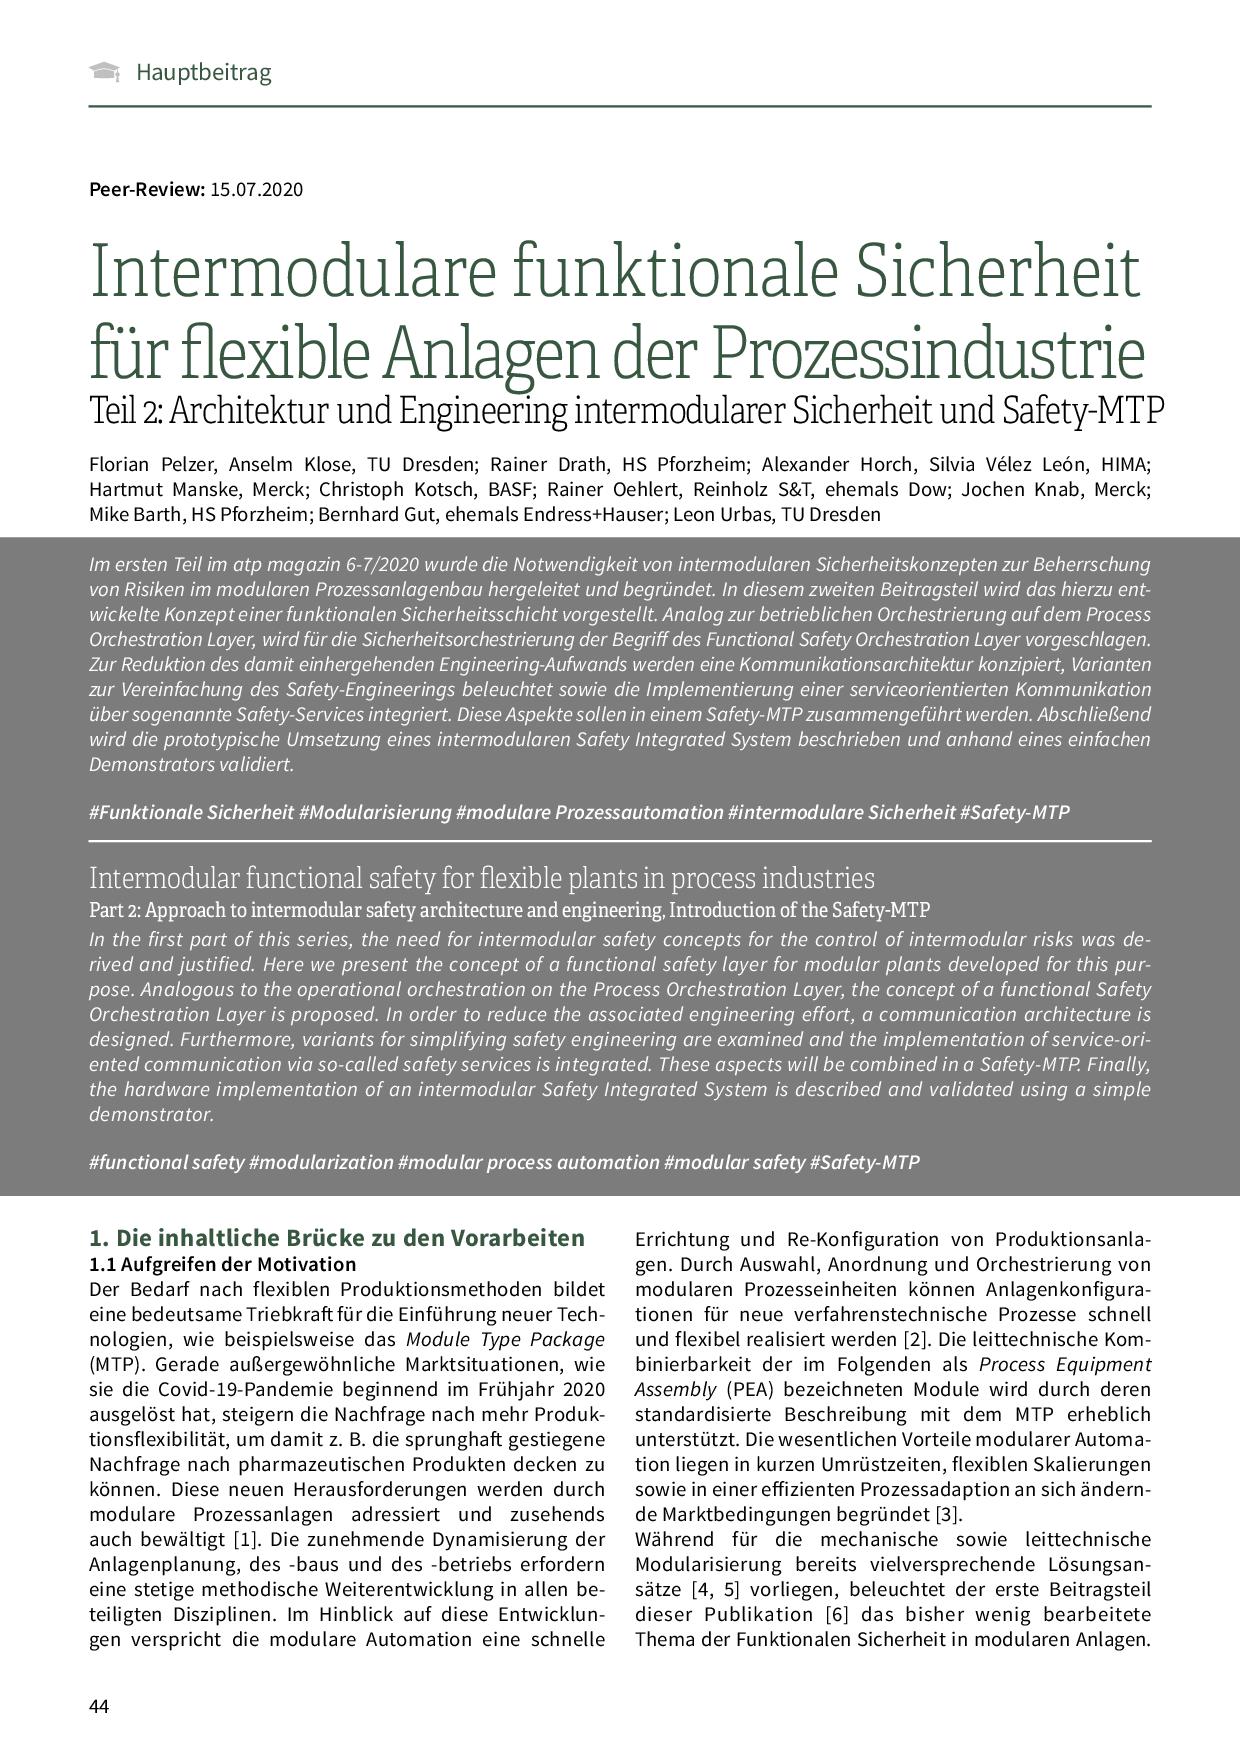 Intermodulare funktionale Sicherheit für flexible Anlagen der Prozessindustrie